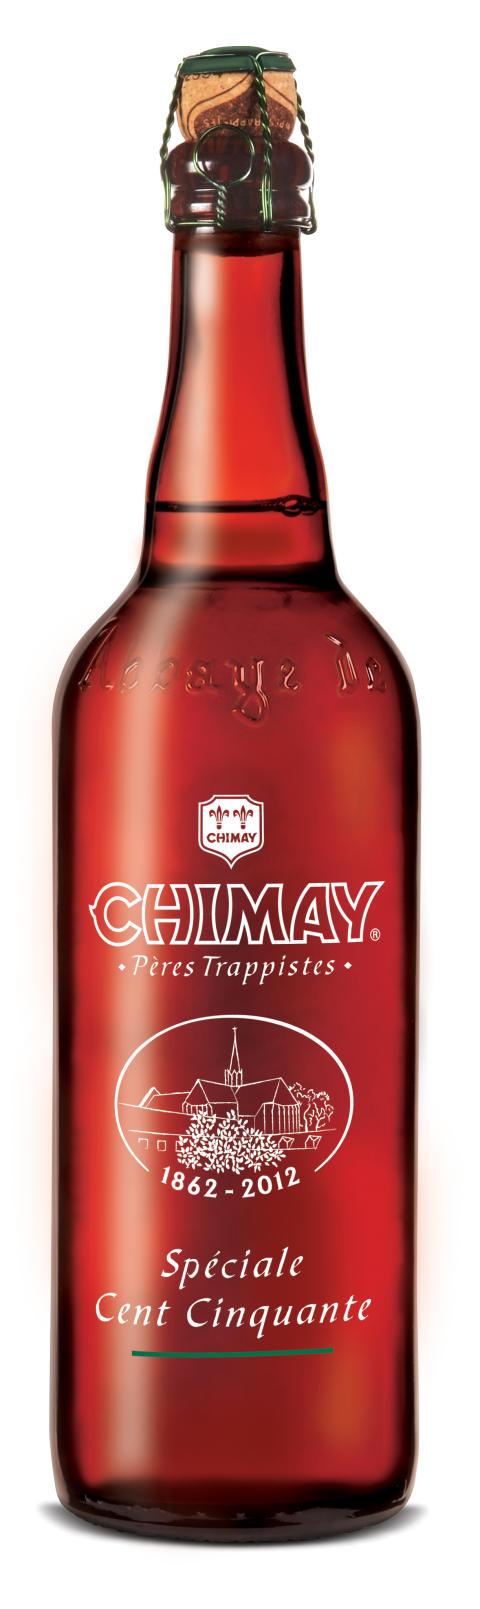 Chimay firar 150 år med specialbryggd jubileumsöl